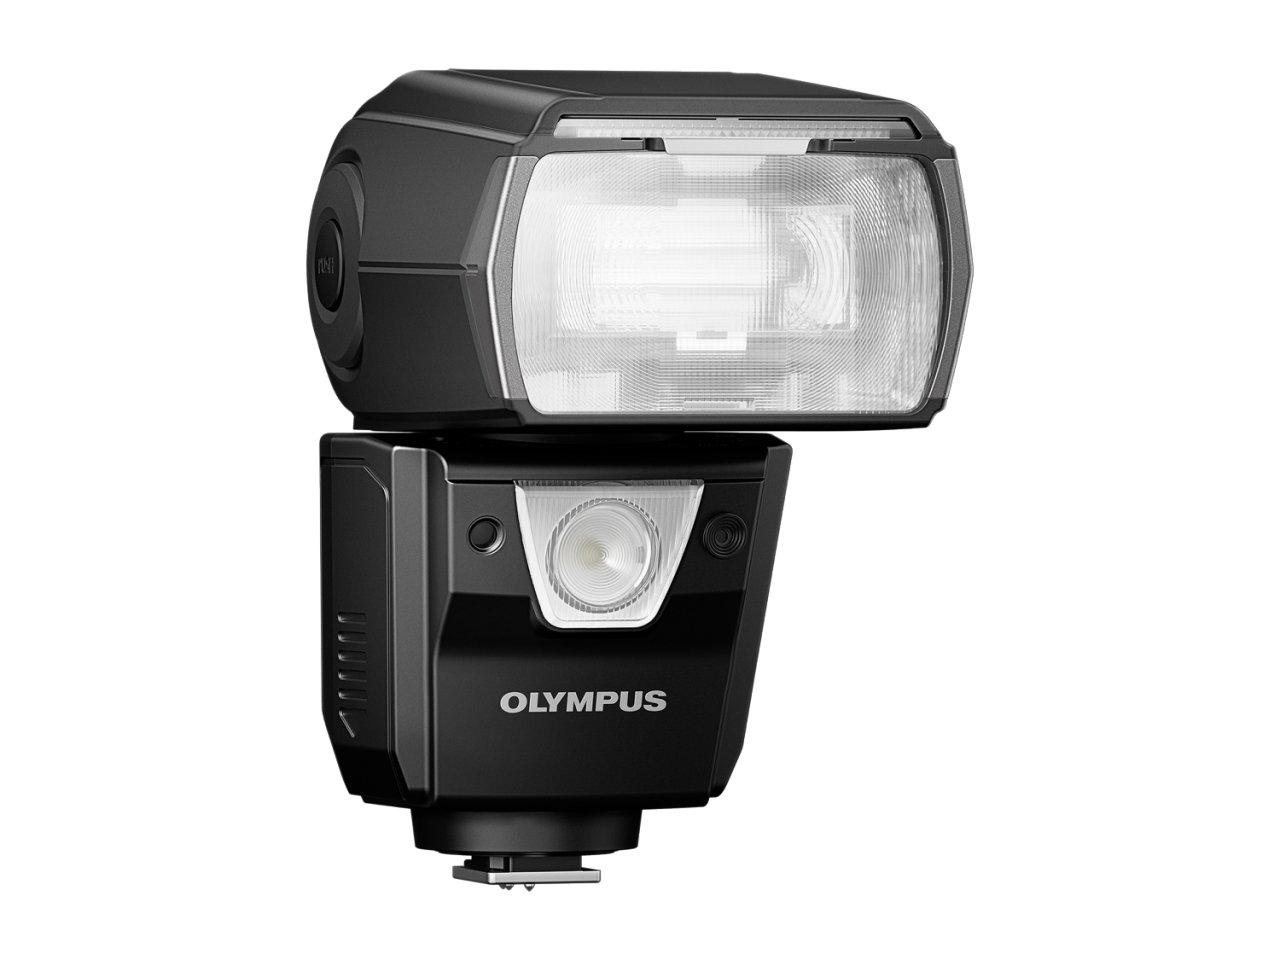 Olympus FL-900R High-Intensity Flash, Black by Olympus (Image #5)